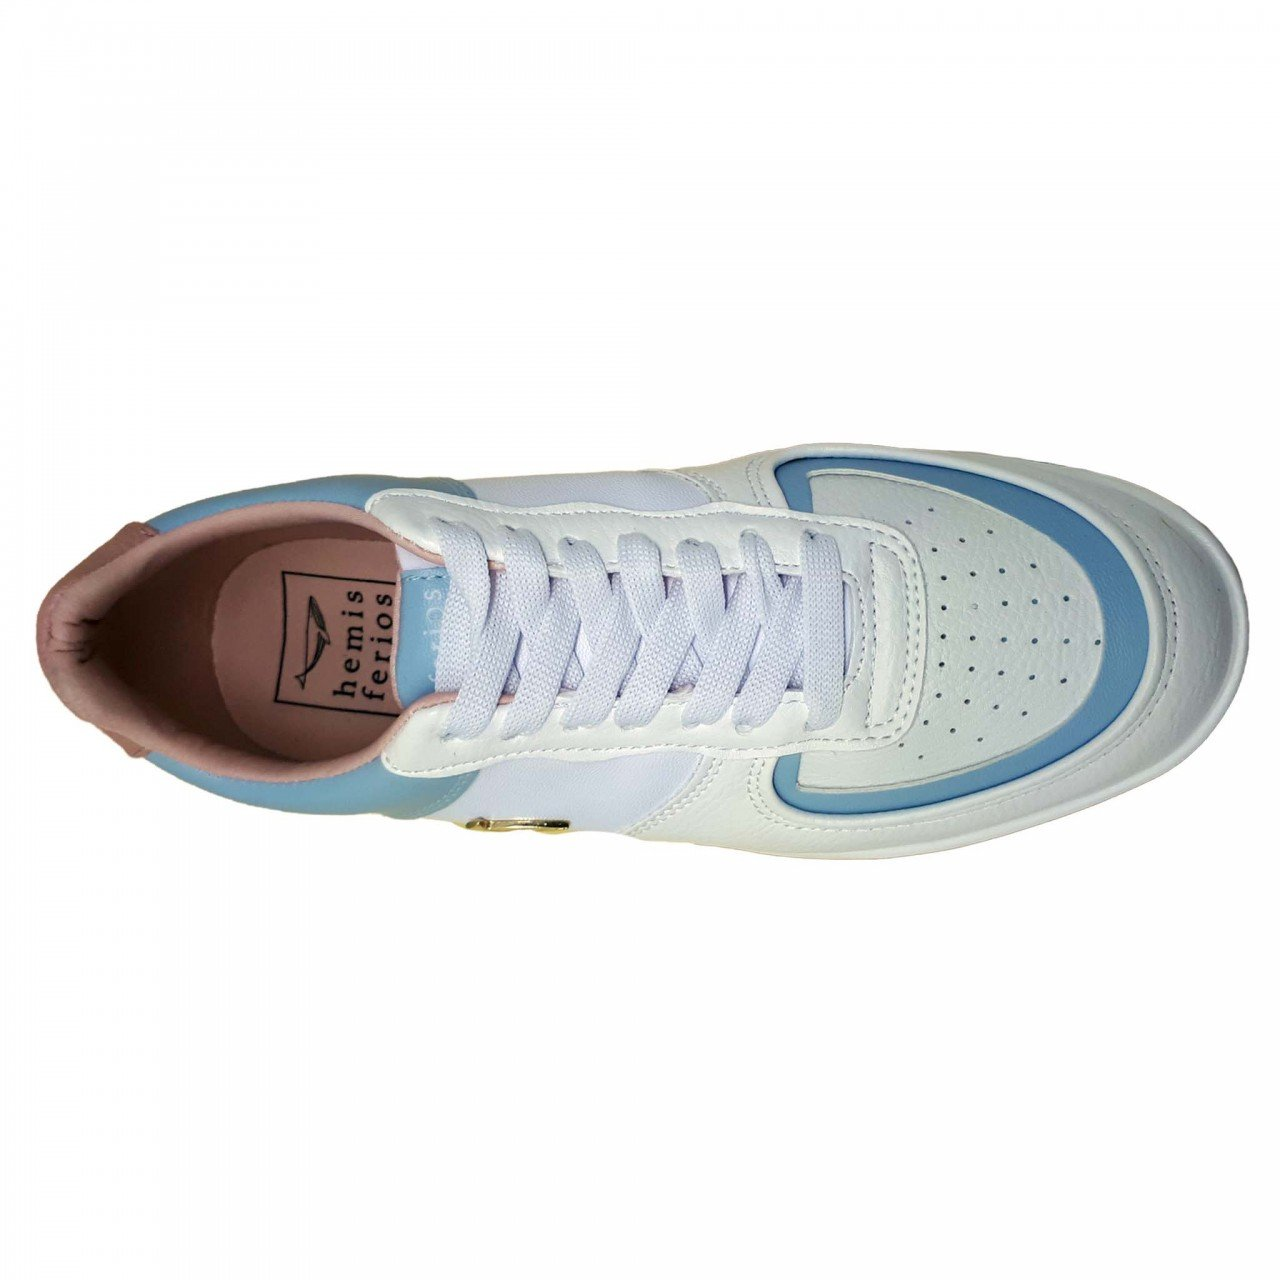 Tenis blanco con azul de plataforma para mujer Hemisferios H28207